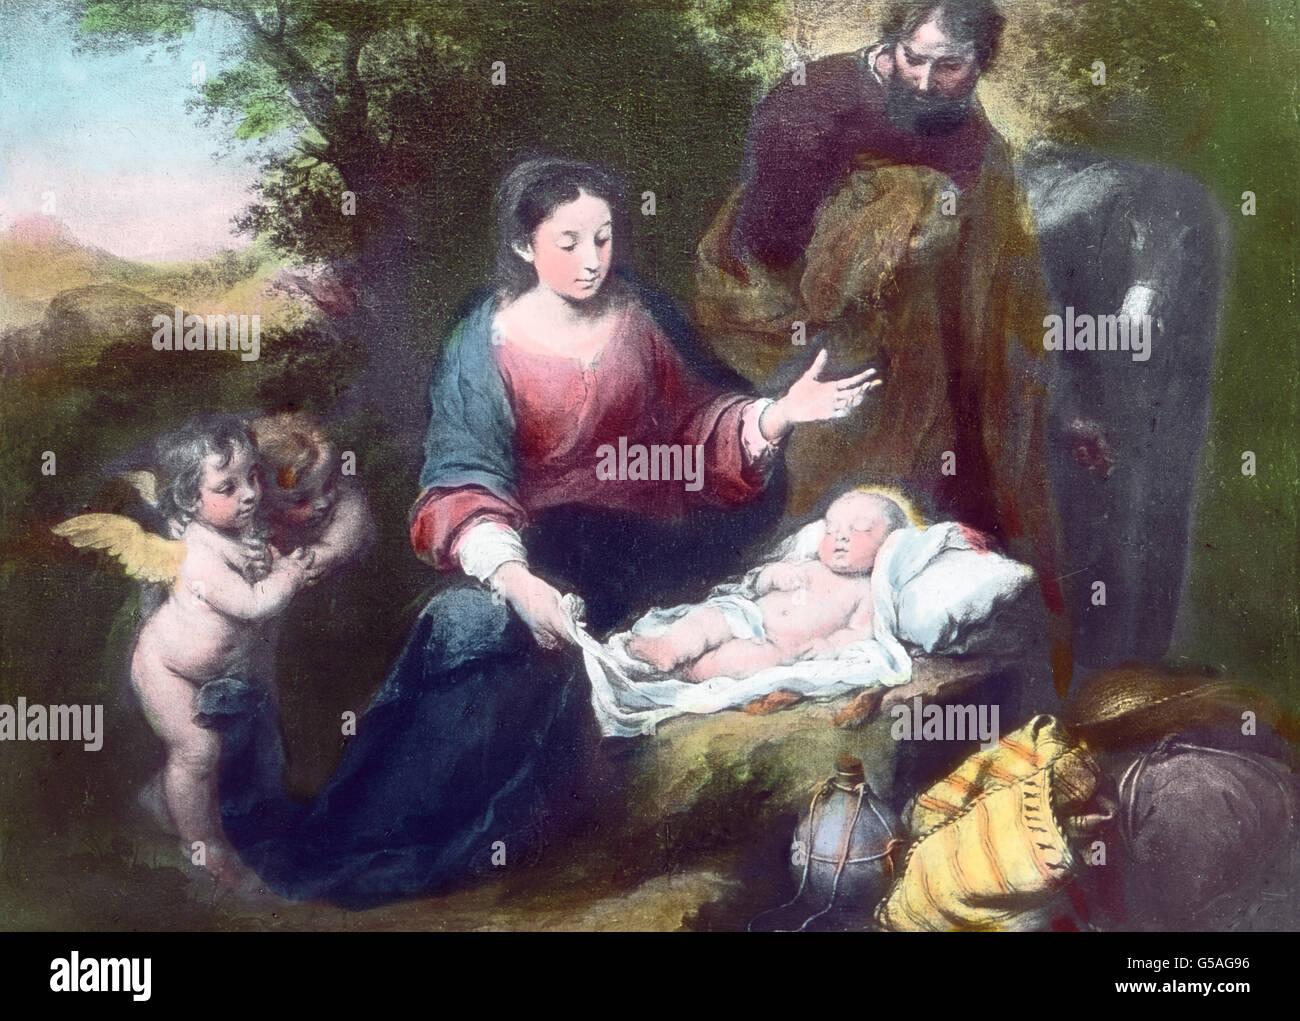 Mit Gemälde Von An Stockfotos & Mit Gemälde Von An Bilder - Alamy